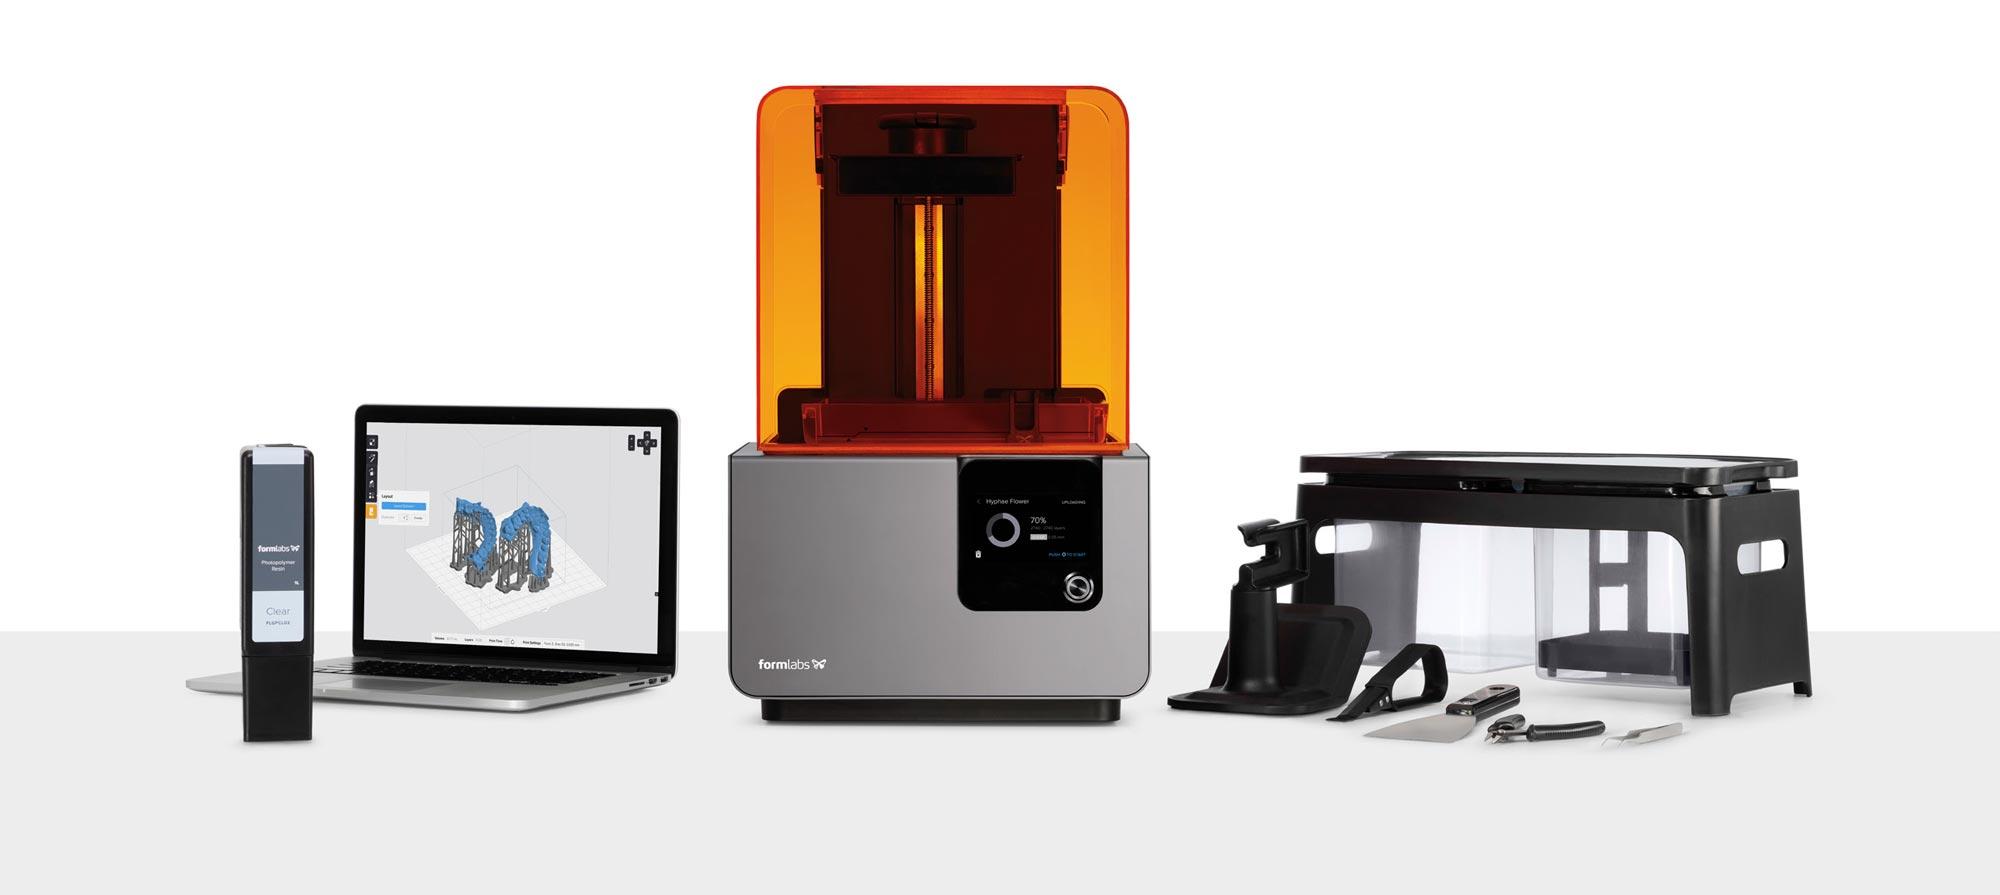 Imprimante 3D form 2 la meilleure pour le dentaire